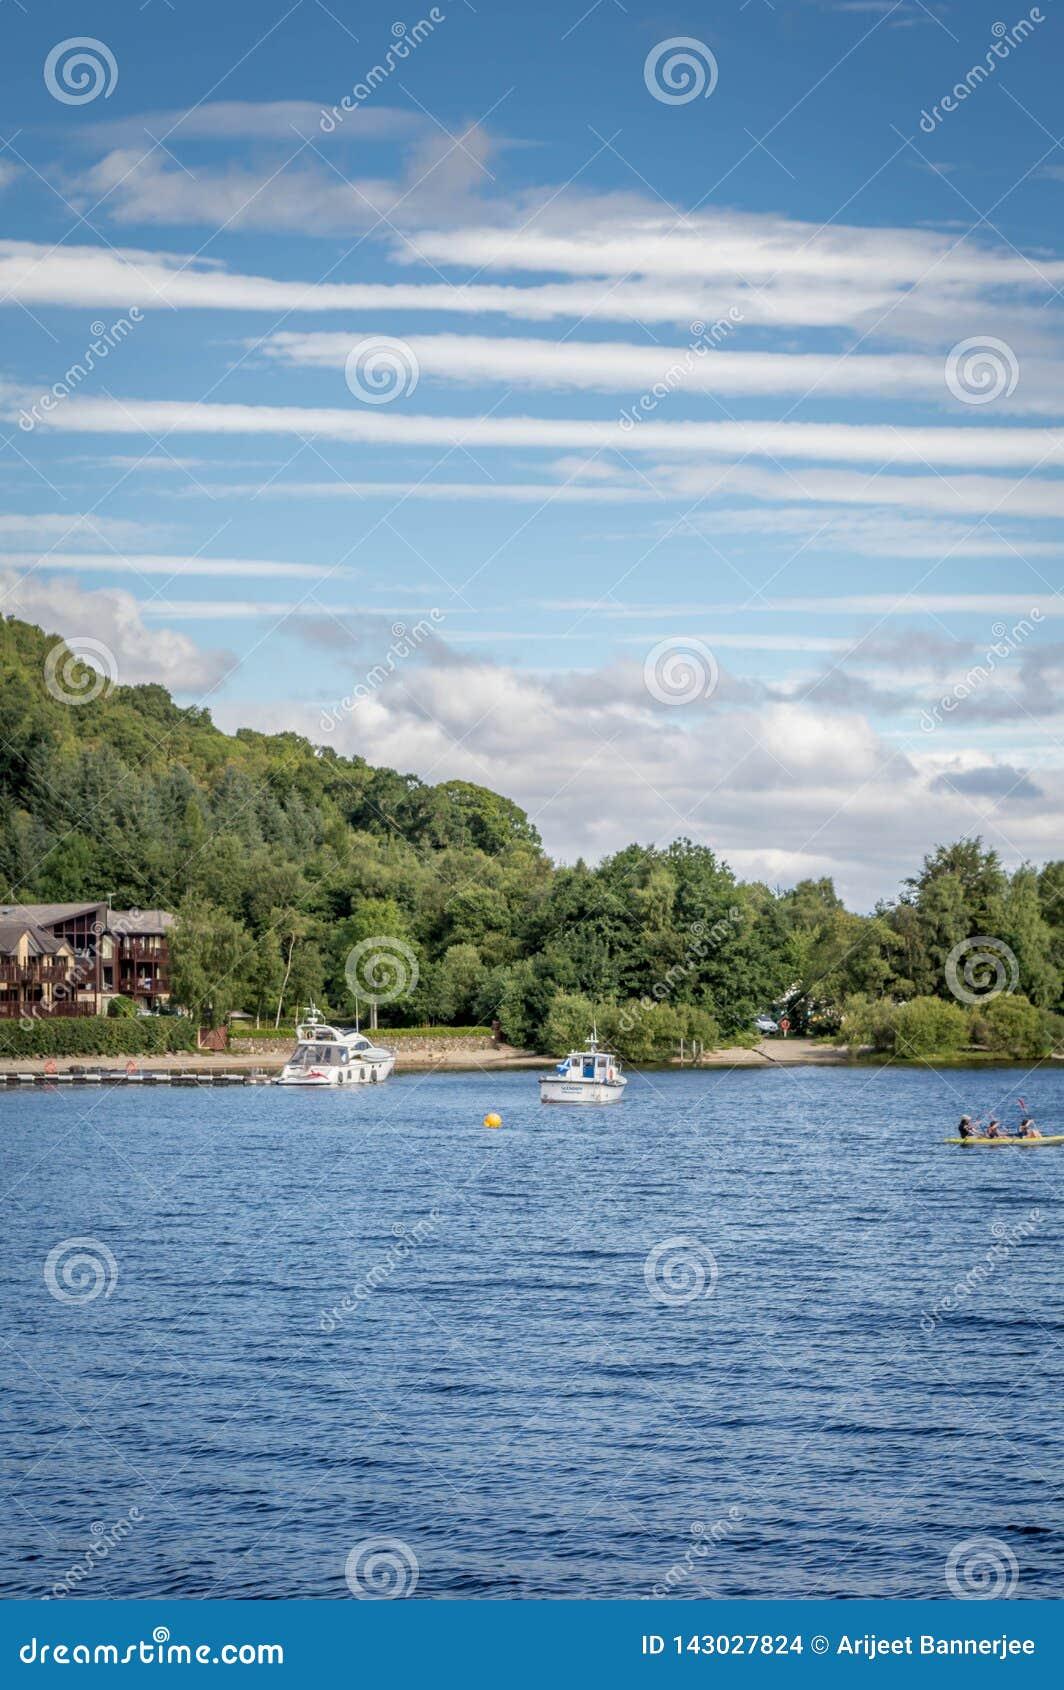 洛蒙德湖Trossachs国家公园著名苏格兰旅游目的地的苏格兰英国